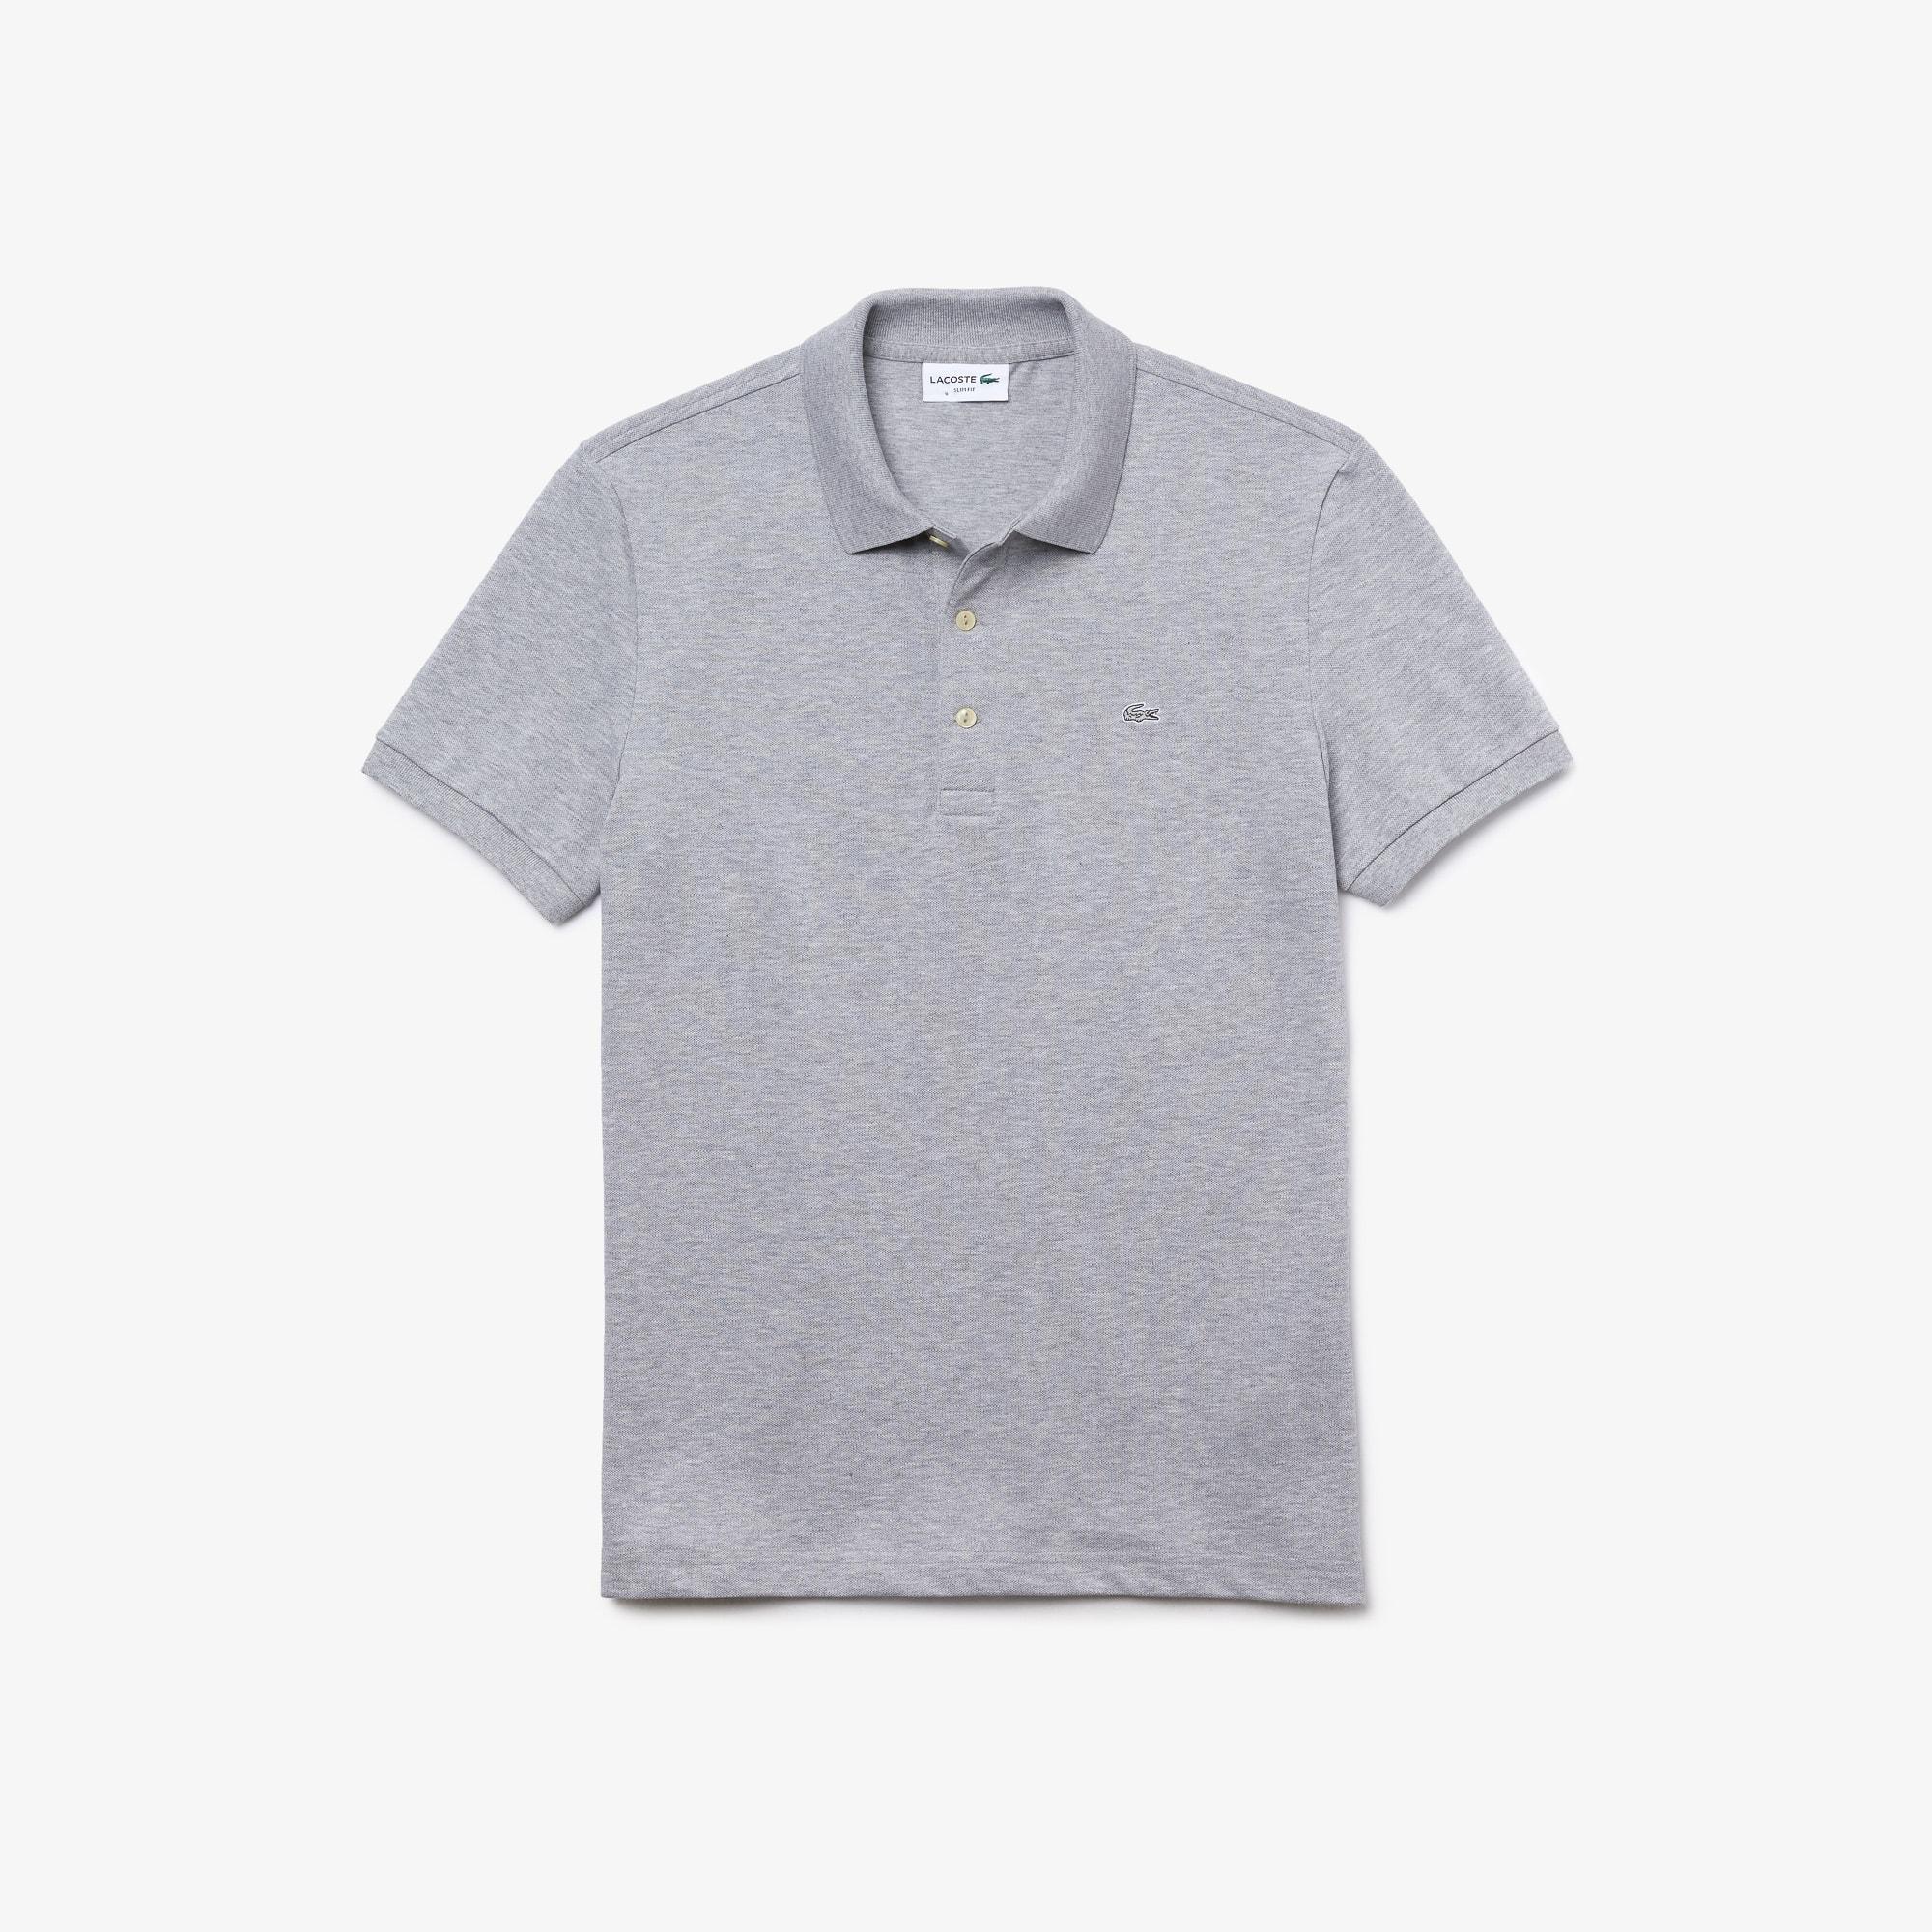 605b6d36 Men's Slim fit Lacoste Polo Shirt in stretch petit piqué ...